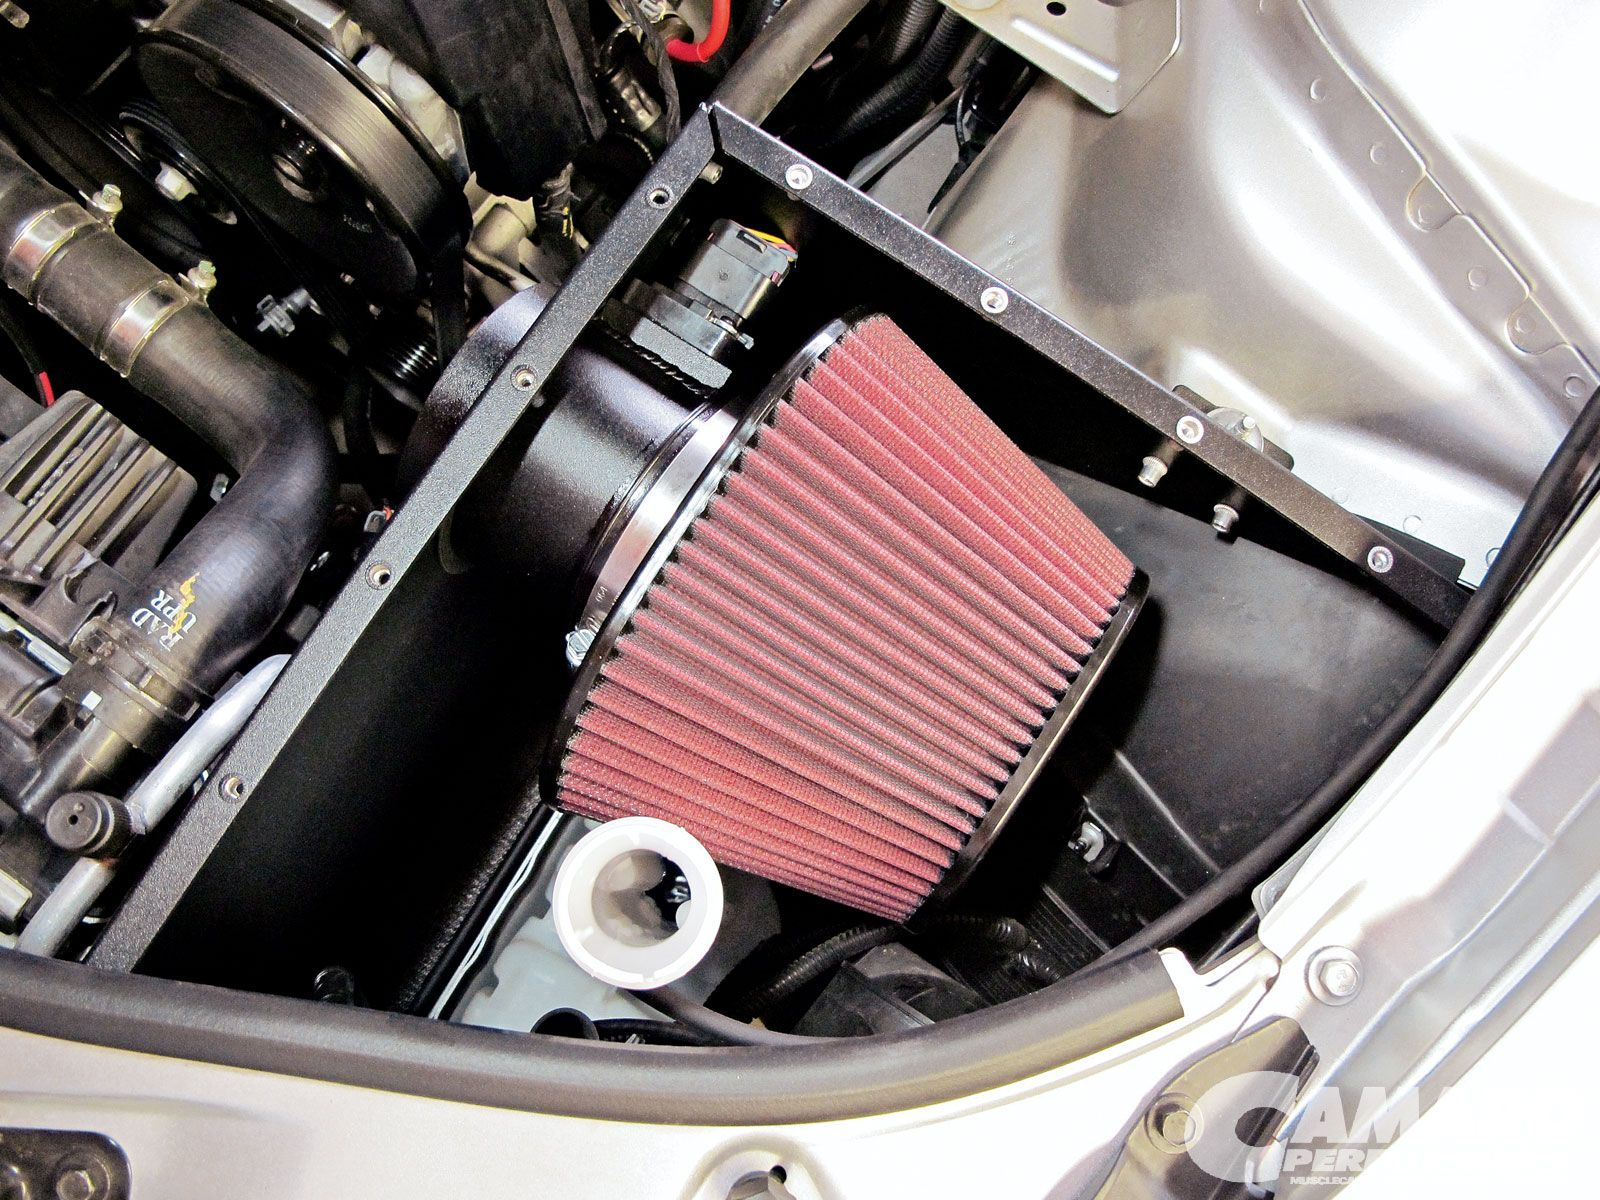 Totul despre filtrele de aer pentru masina - Totul despre filtrele de aer pentru masina